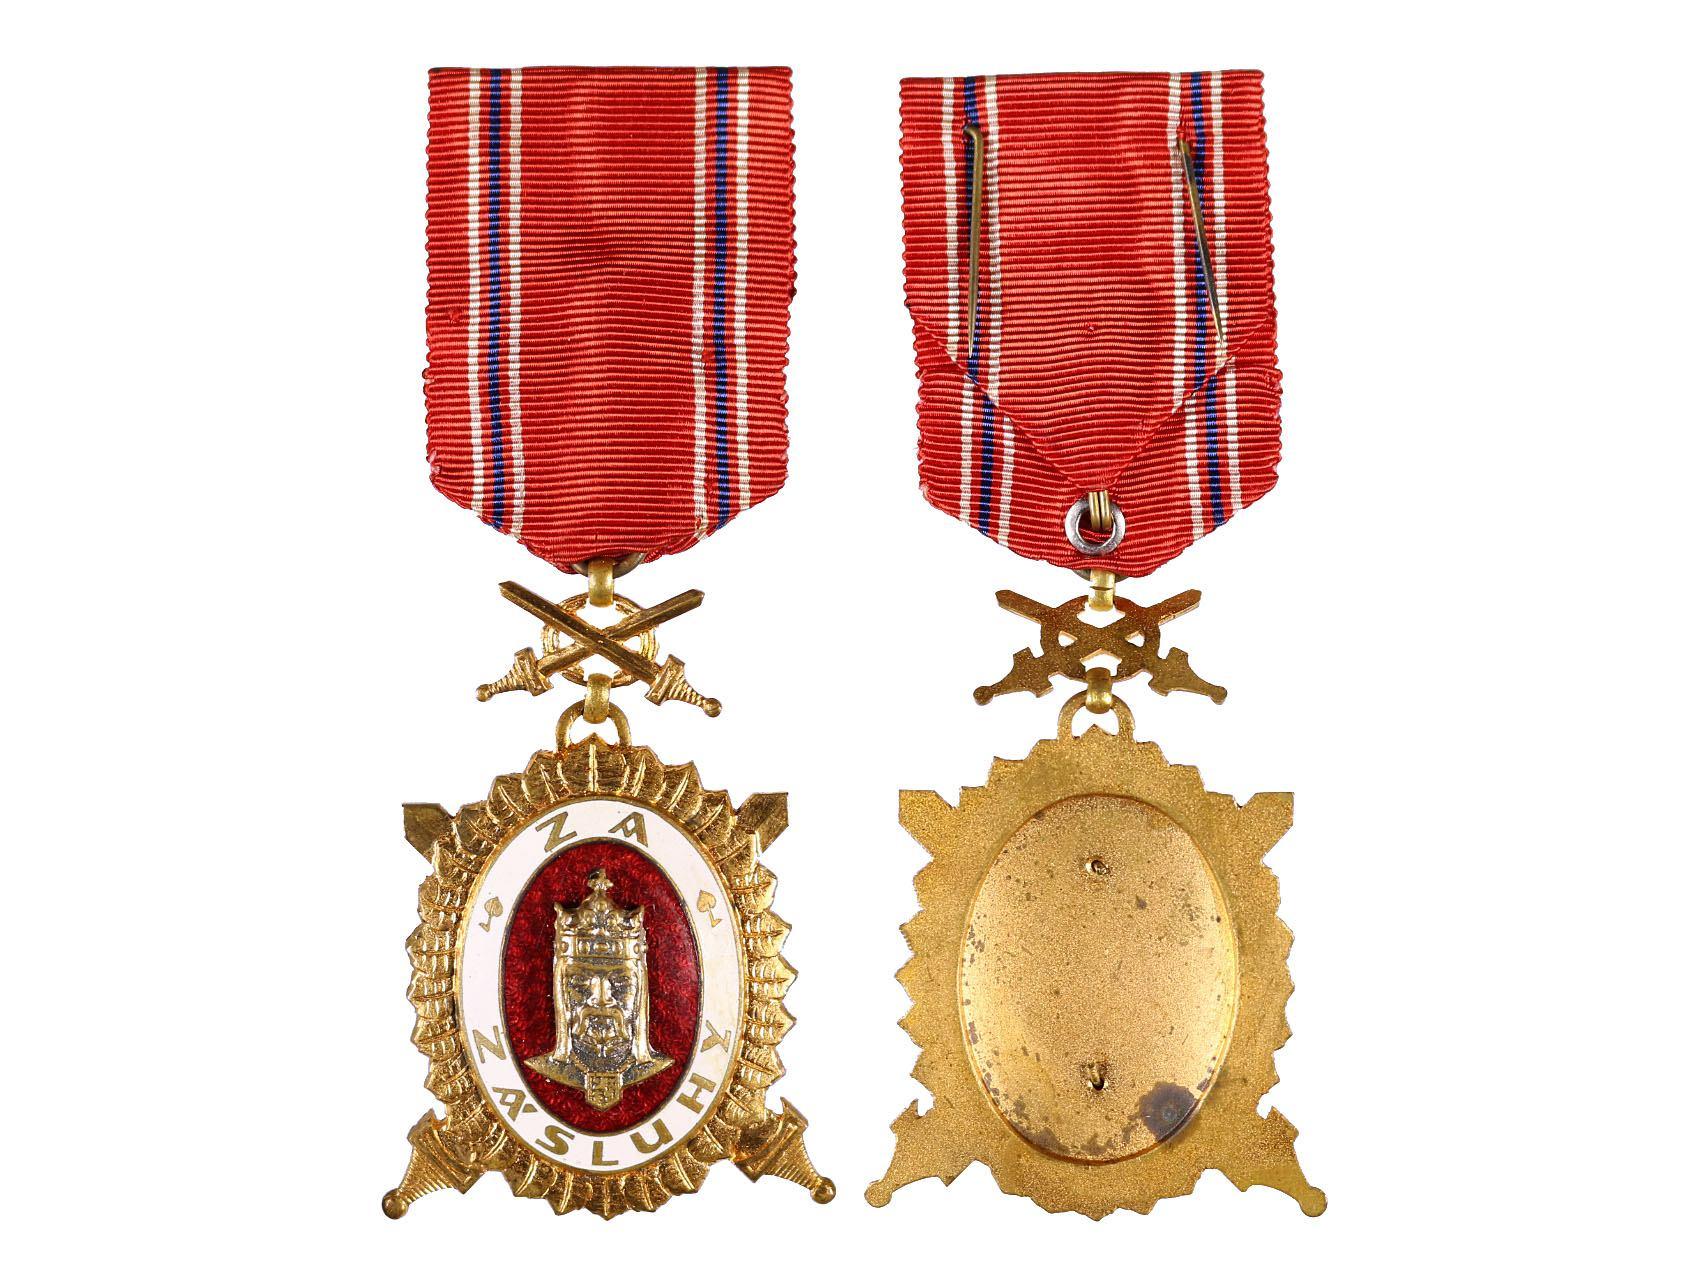 Diplomový čestný odznak krále Karla IV., stupeň čestný člen, Zlatý čestný odznak 2. třídy za vojenské zásluhy, typ 1945-1949, N96a2a